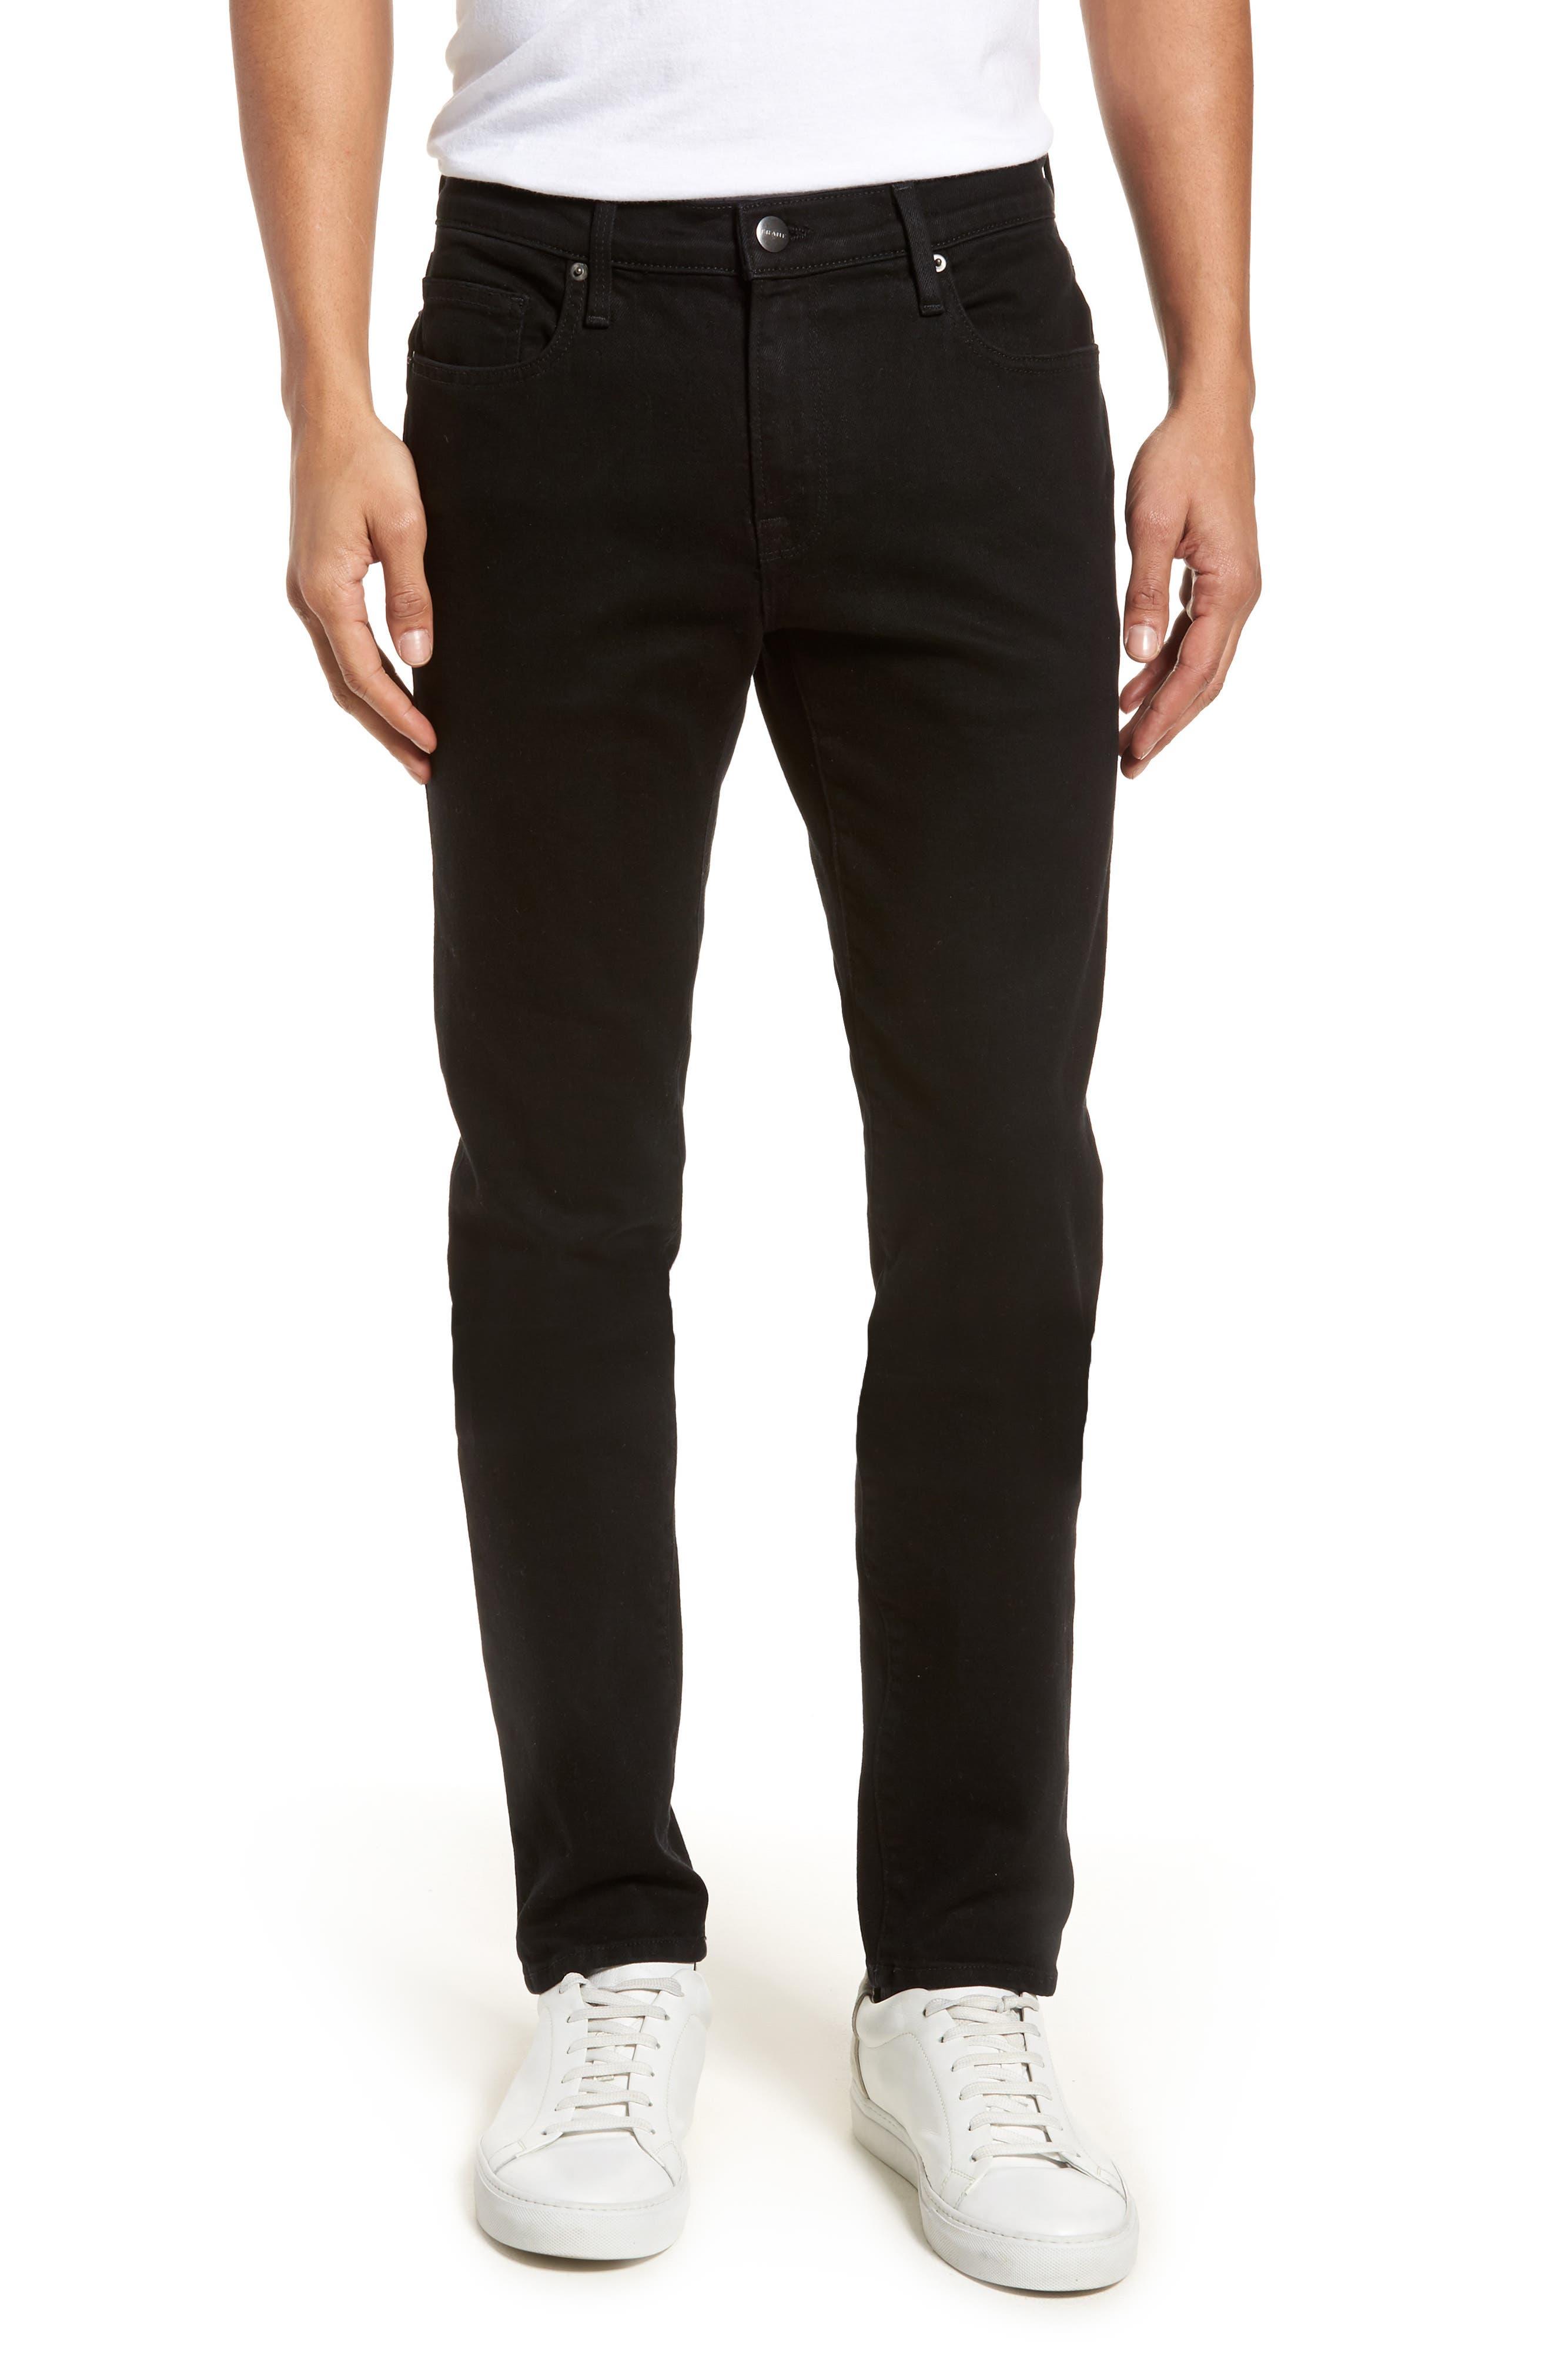 L'Homme Skinny Fit Jeans,                             Main thumbnail 1, color,                             Noir